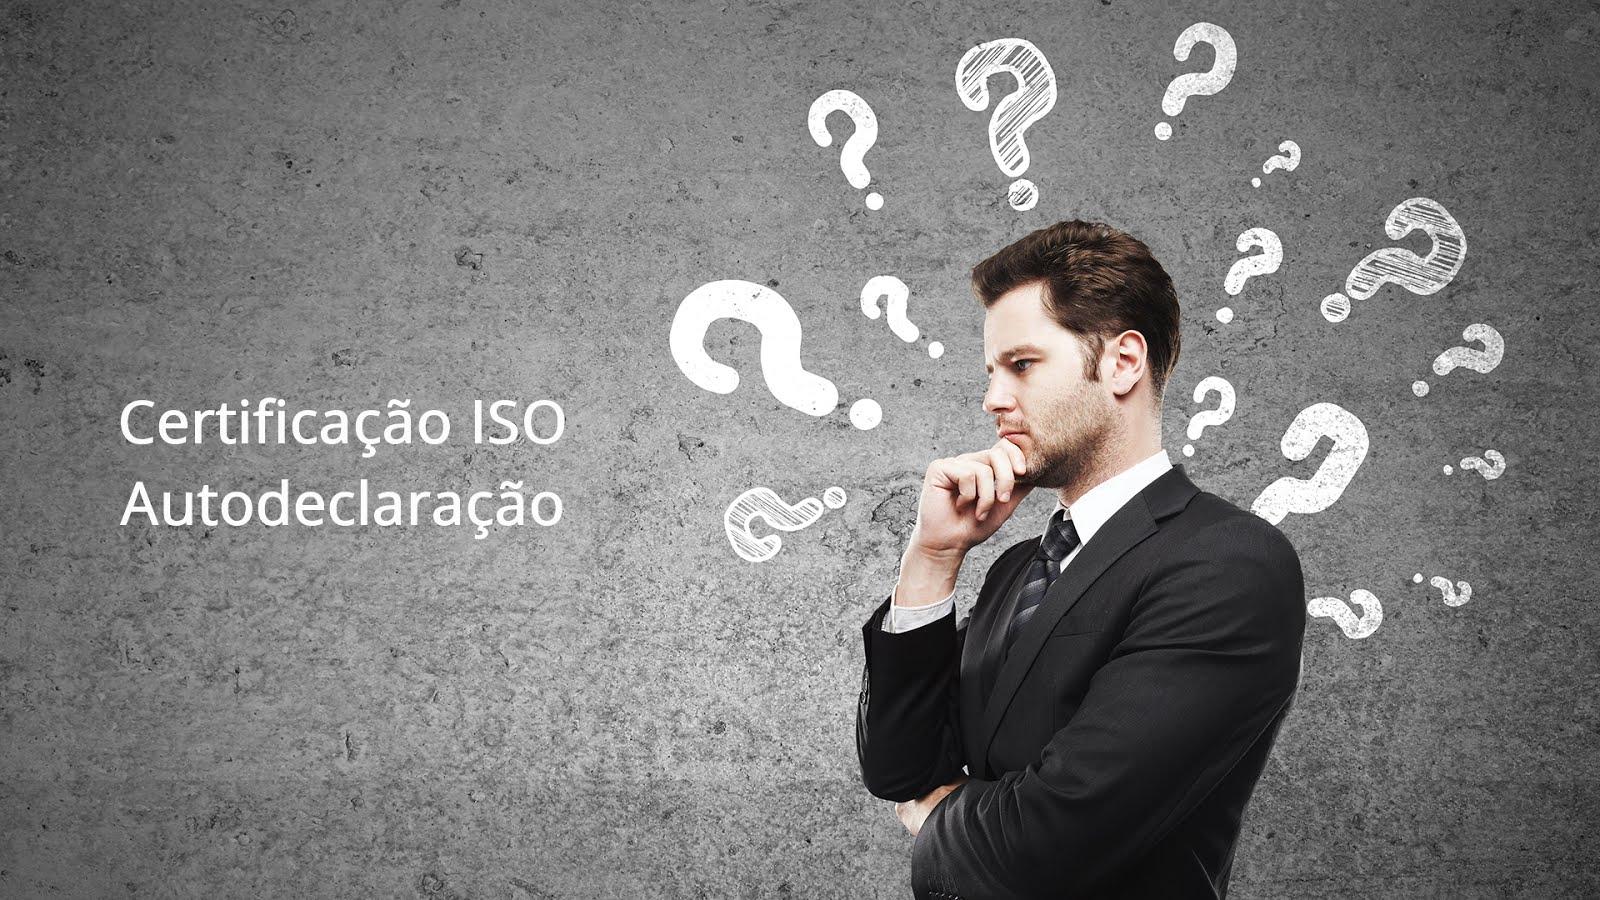 ARTIGO e PALESTRA: Autodeclaração de Conformidade (certificação, pra quê?)